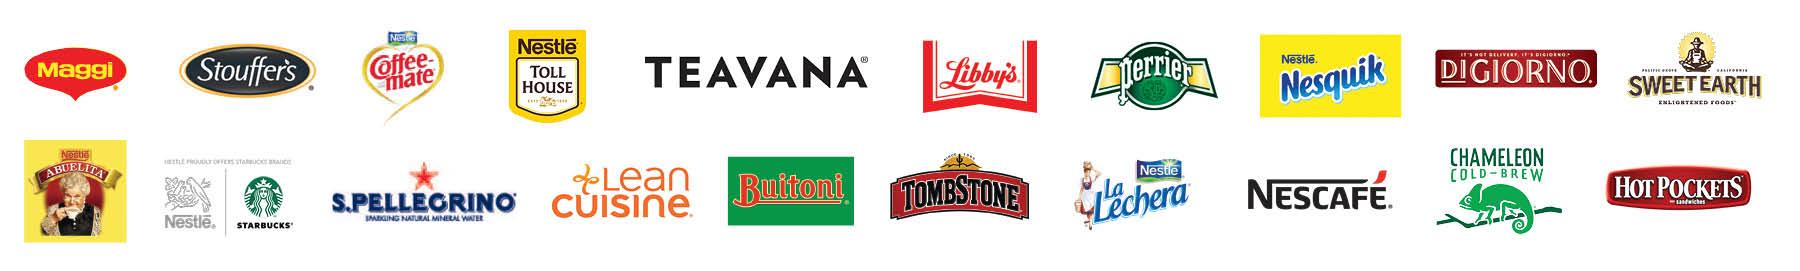 Nestlé Family of Brands